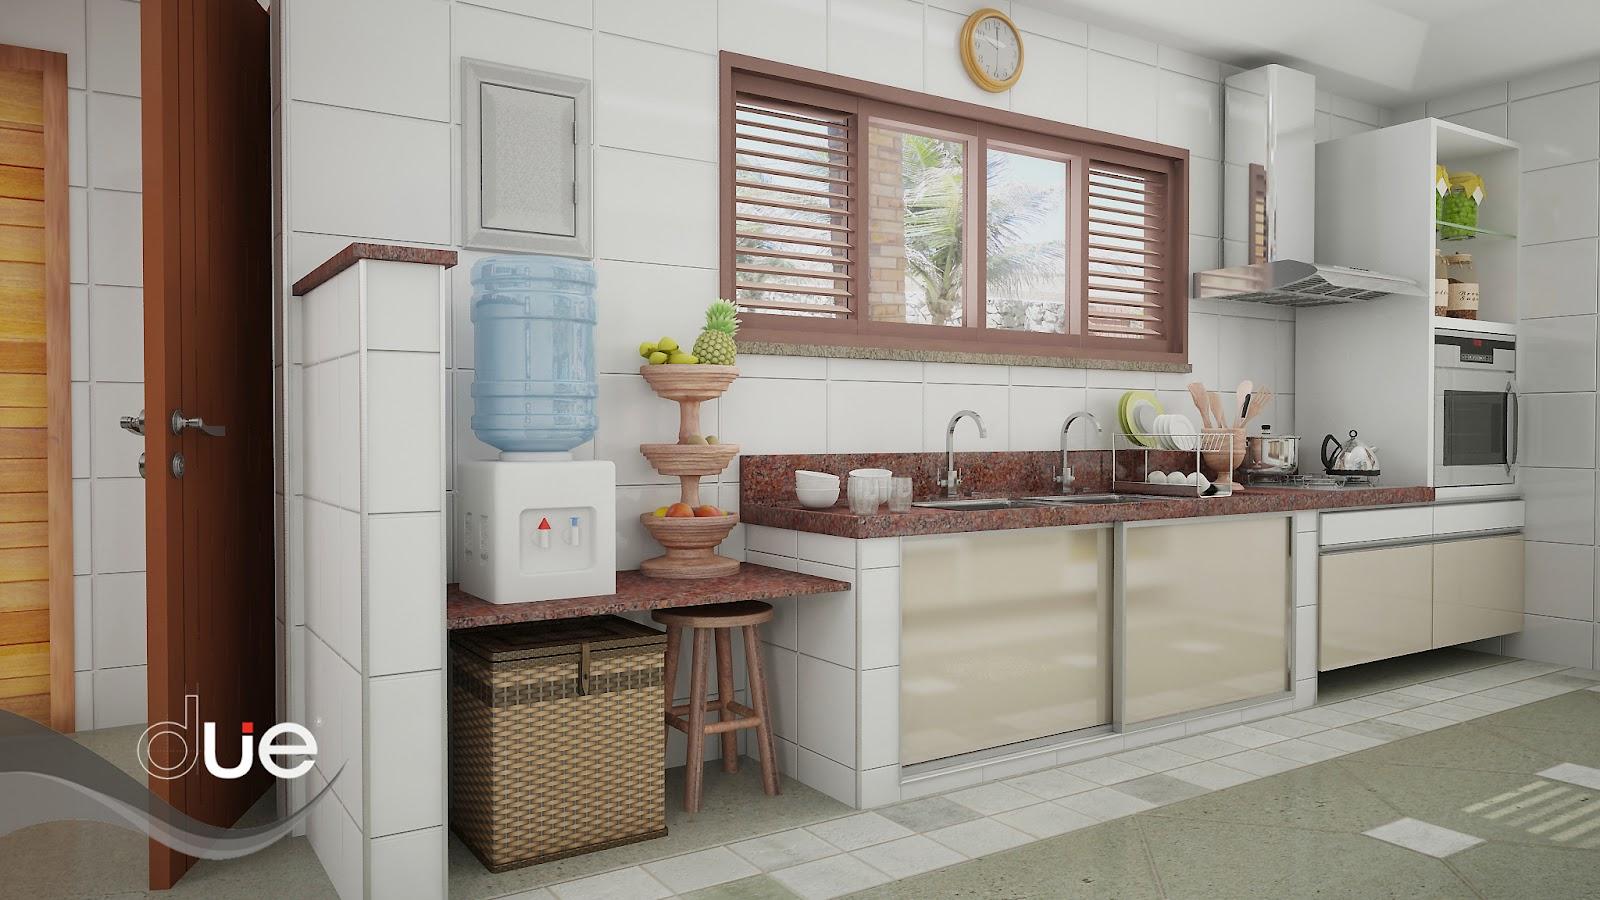 Due: Projeto Reforma Cozinha   OBRA #927039 1600 900